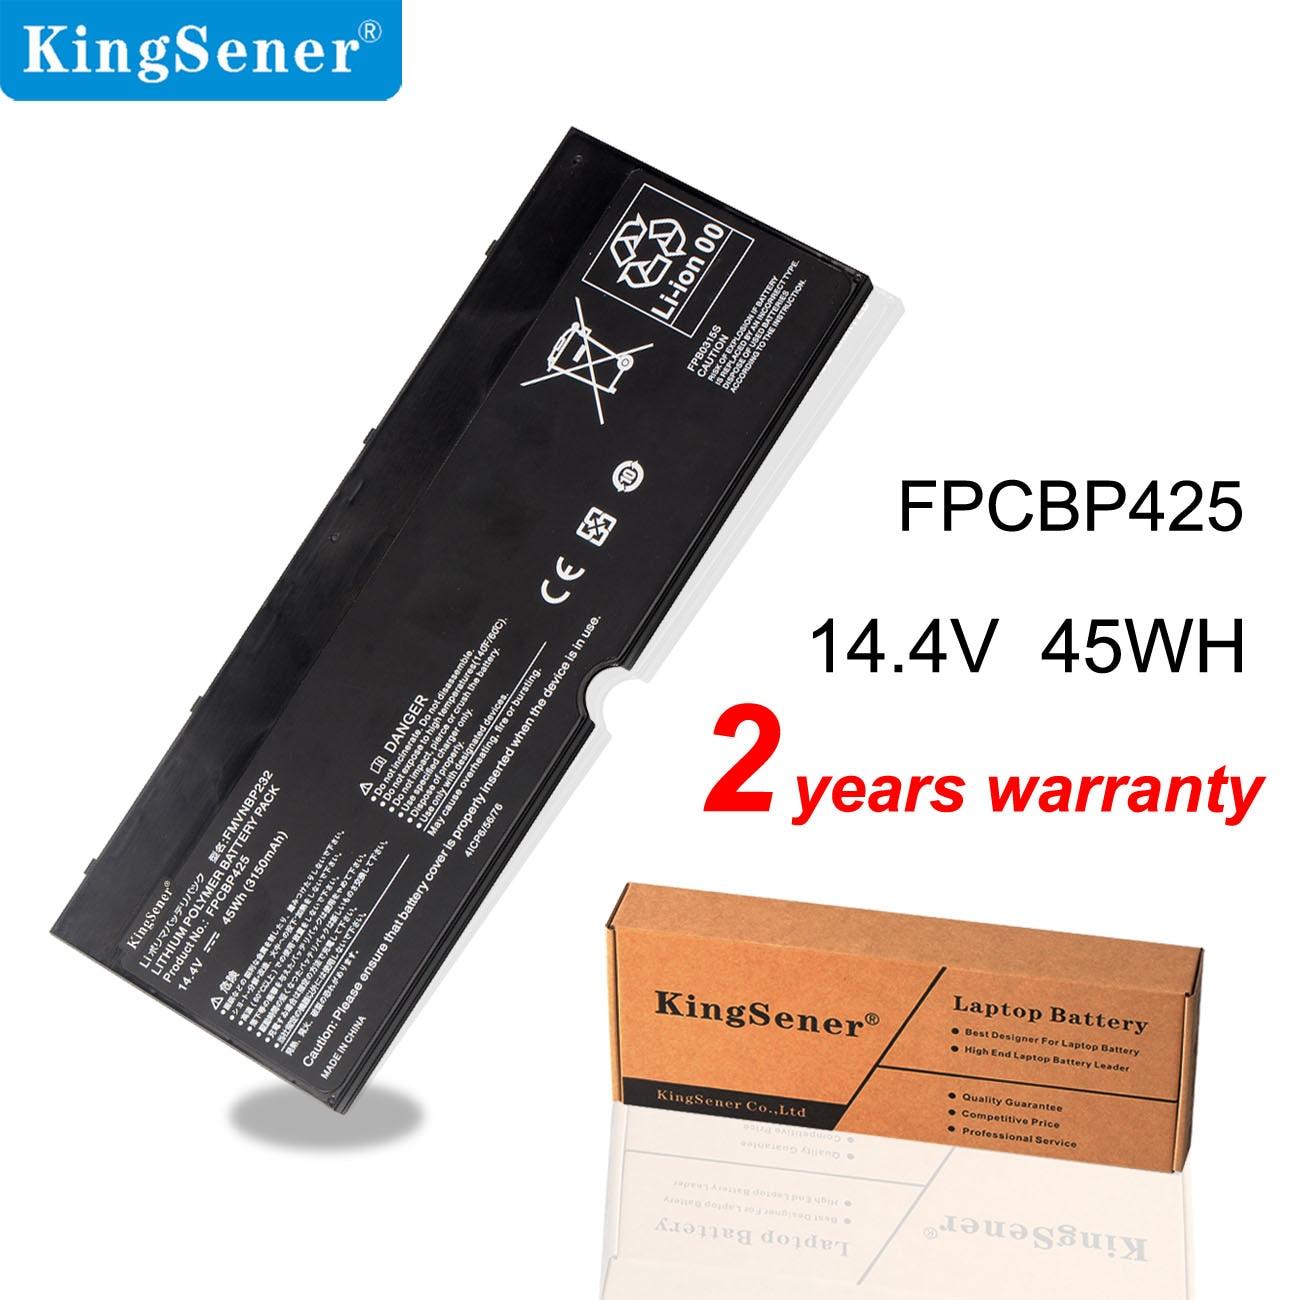 Kingsener FPCBP425 FMVNBP232 Laptop Battery For Fujitsu Lifebook U745 T935 T904U Series FPB0315S 14.4V 45Wh 3150mAh